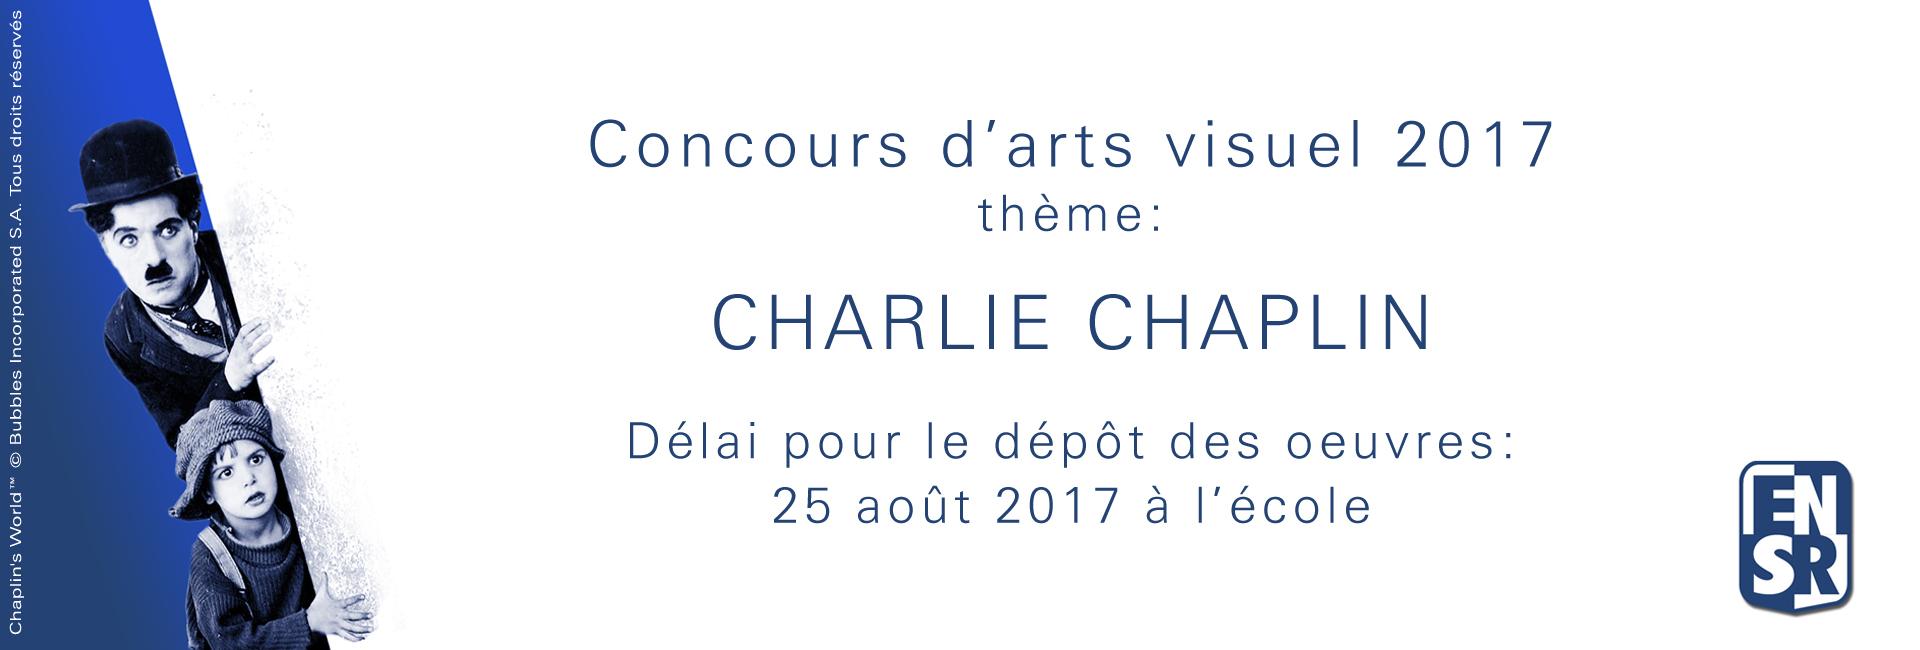 Concours d'arts visuels